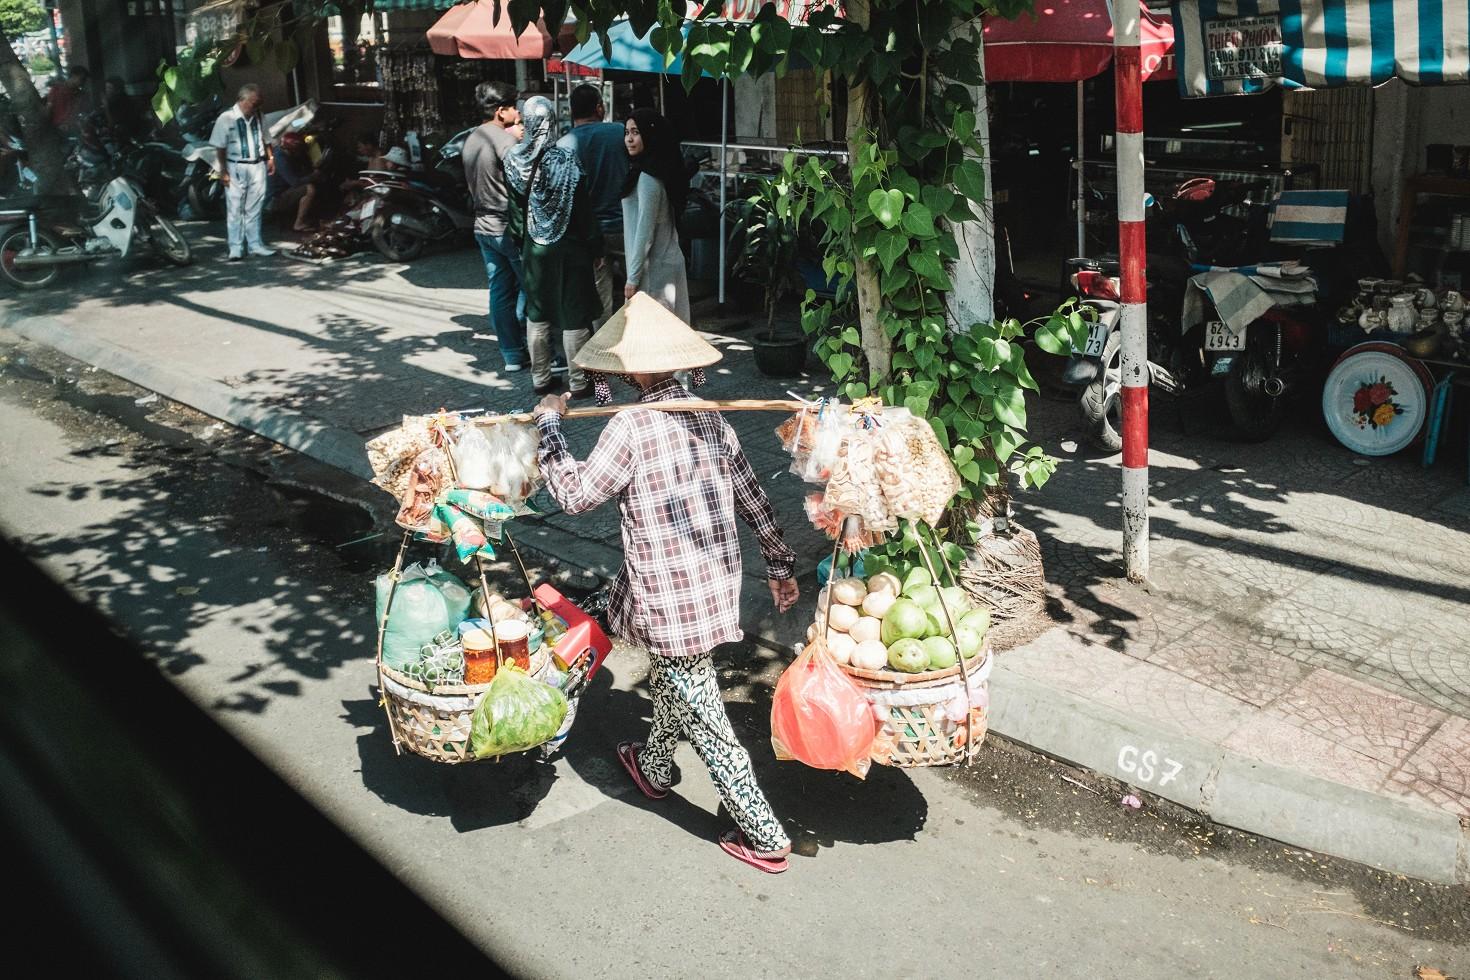 Vietnam-Ho-Chi-Minh-City-Saigon-Reportage (4 von 16)